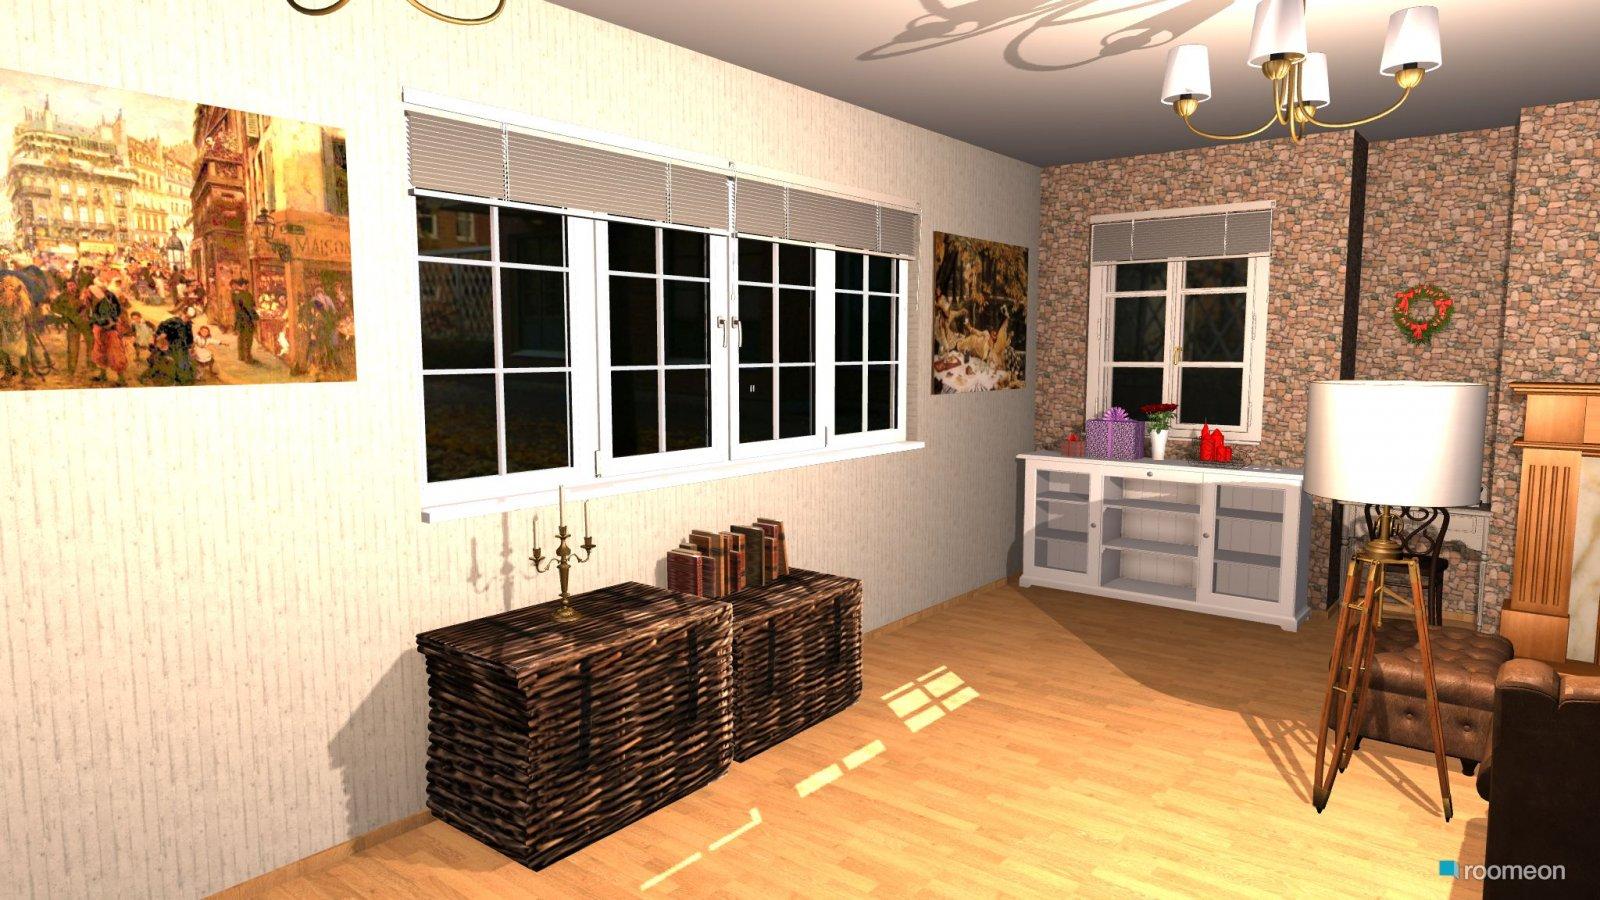 altes wohnzimmer good altes wohnzimmer neu gestalten with altes wohnzimmer latest altes sofa. Black Bedroom Furniture Sets. Home Design Ideas